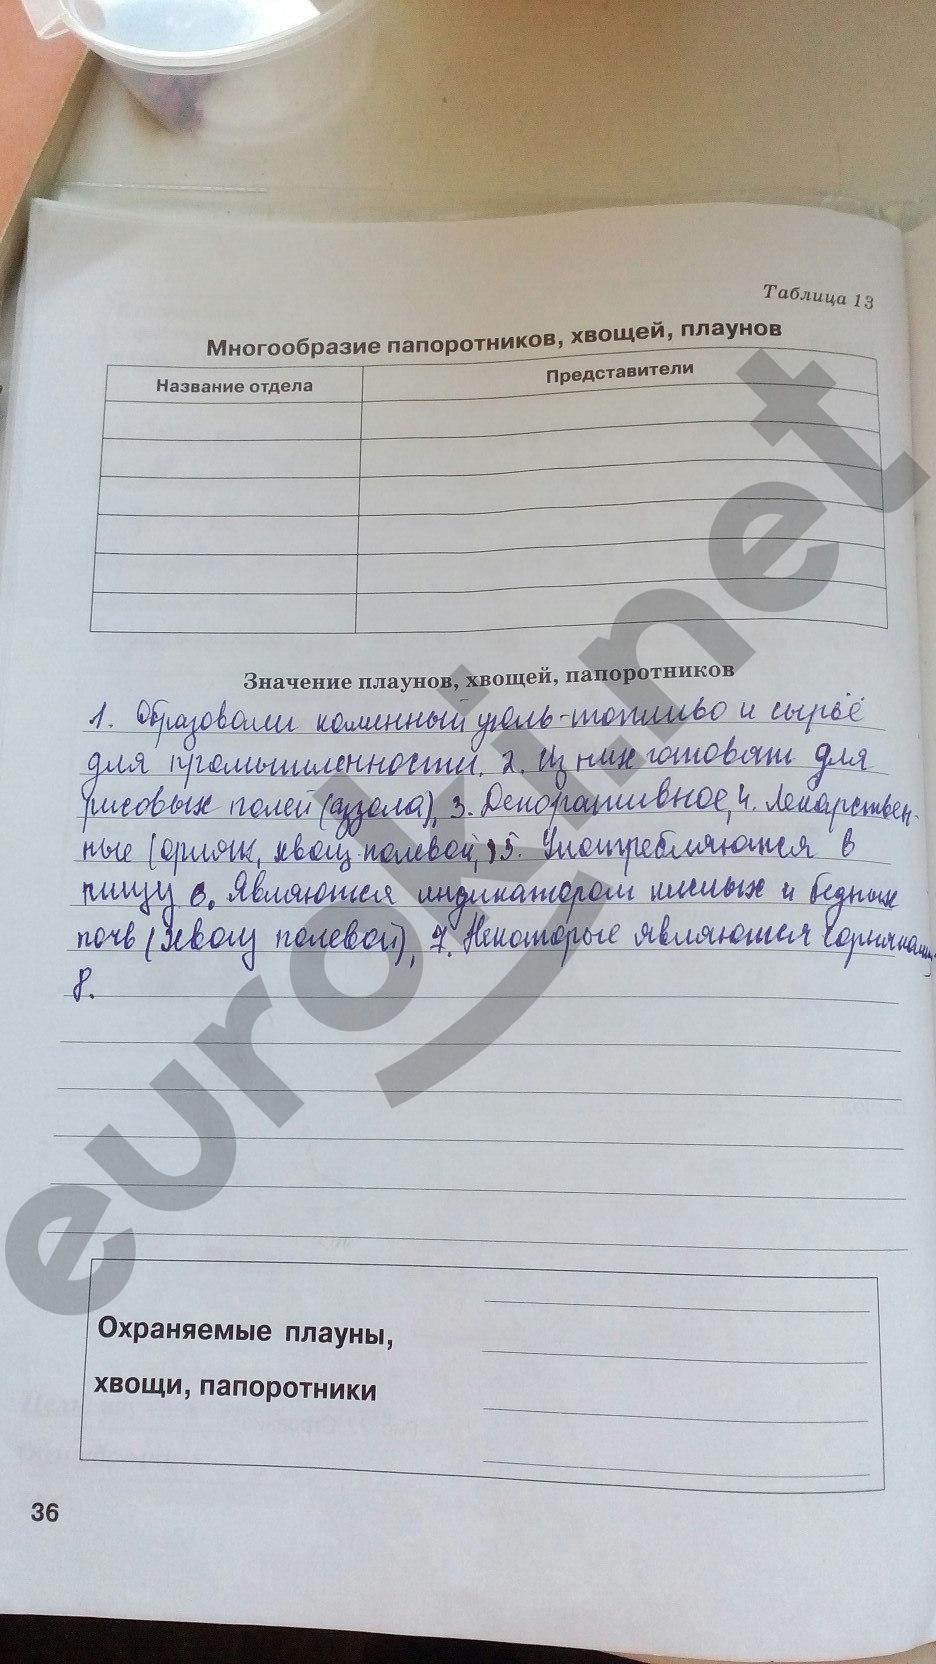 ГДЗ по биологии 5 класс рабочая тетрадь Бодрова. Задание: стр. 36